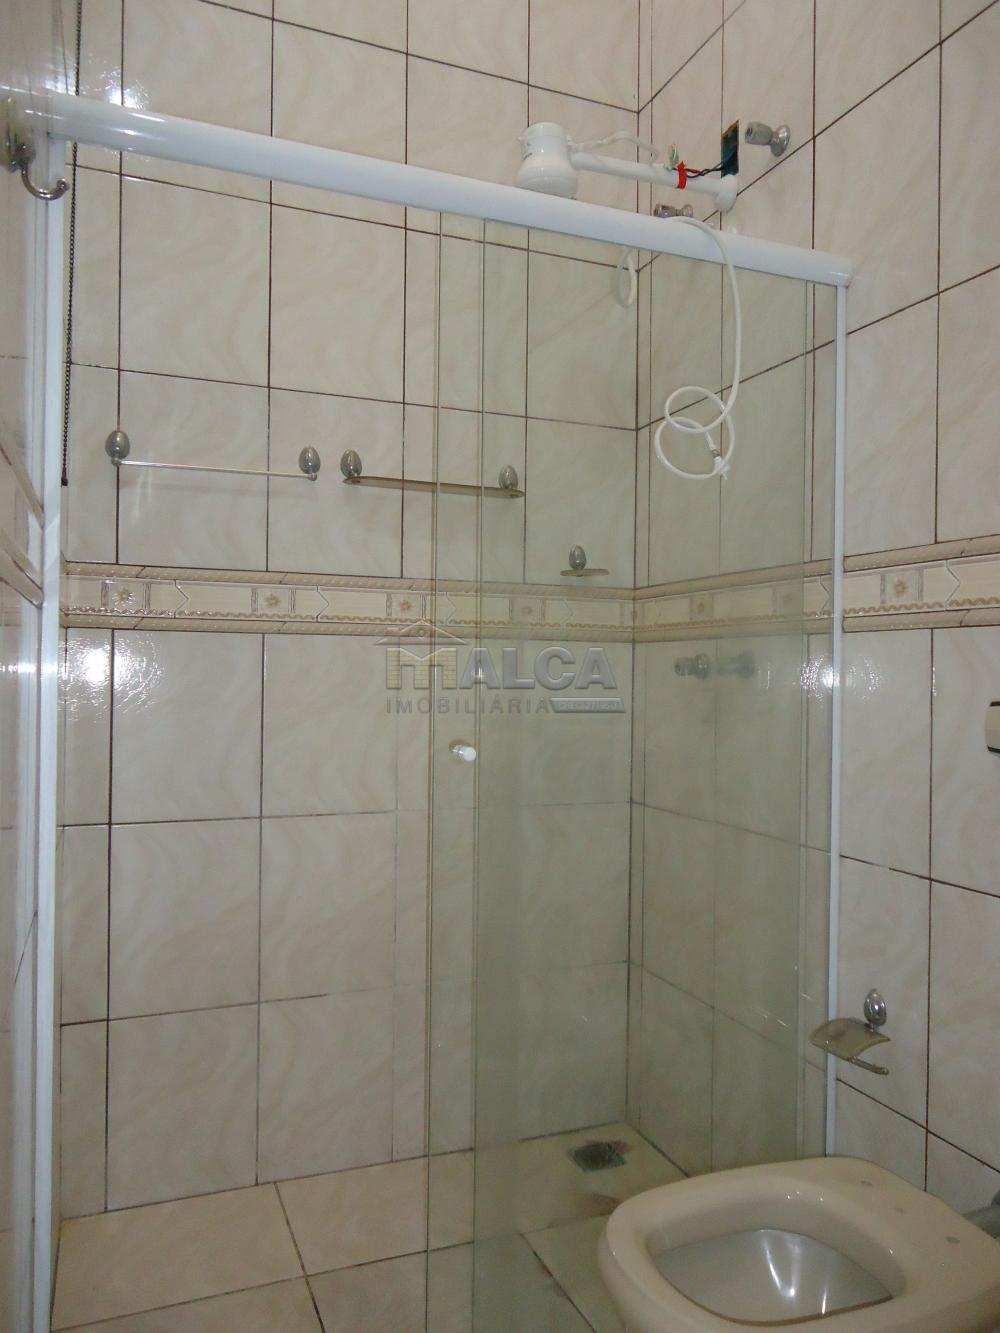 Alugar Casas / Padrão em São José do Rio Pardo R$ 1.500,00 - Foto 21